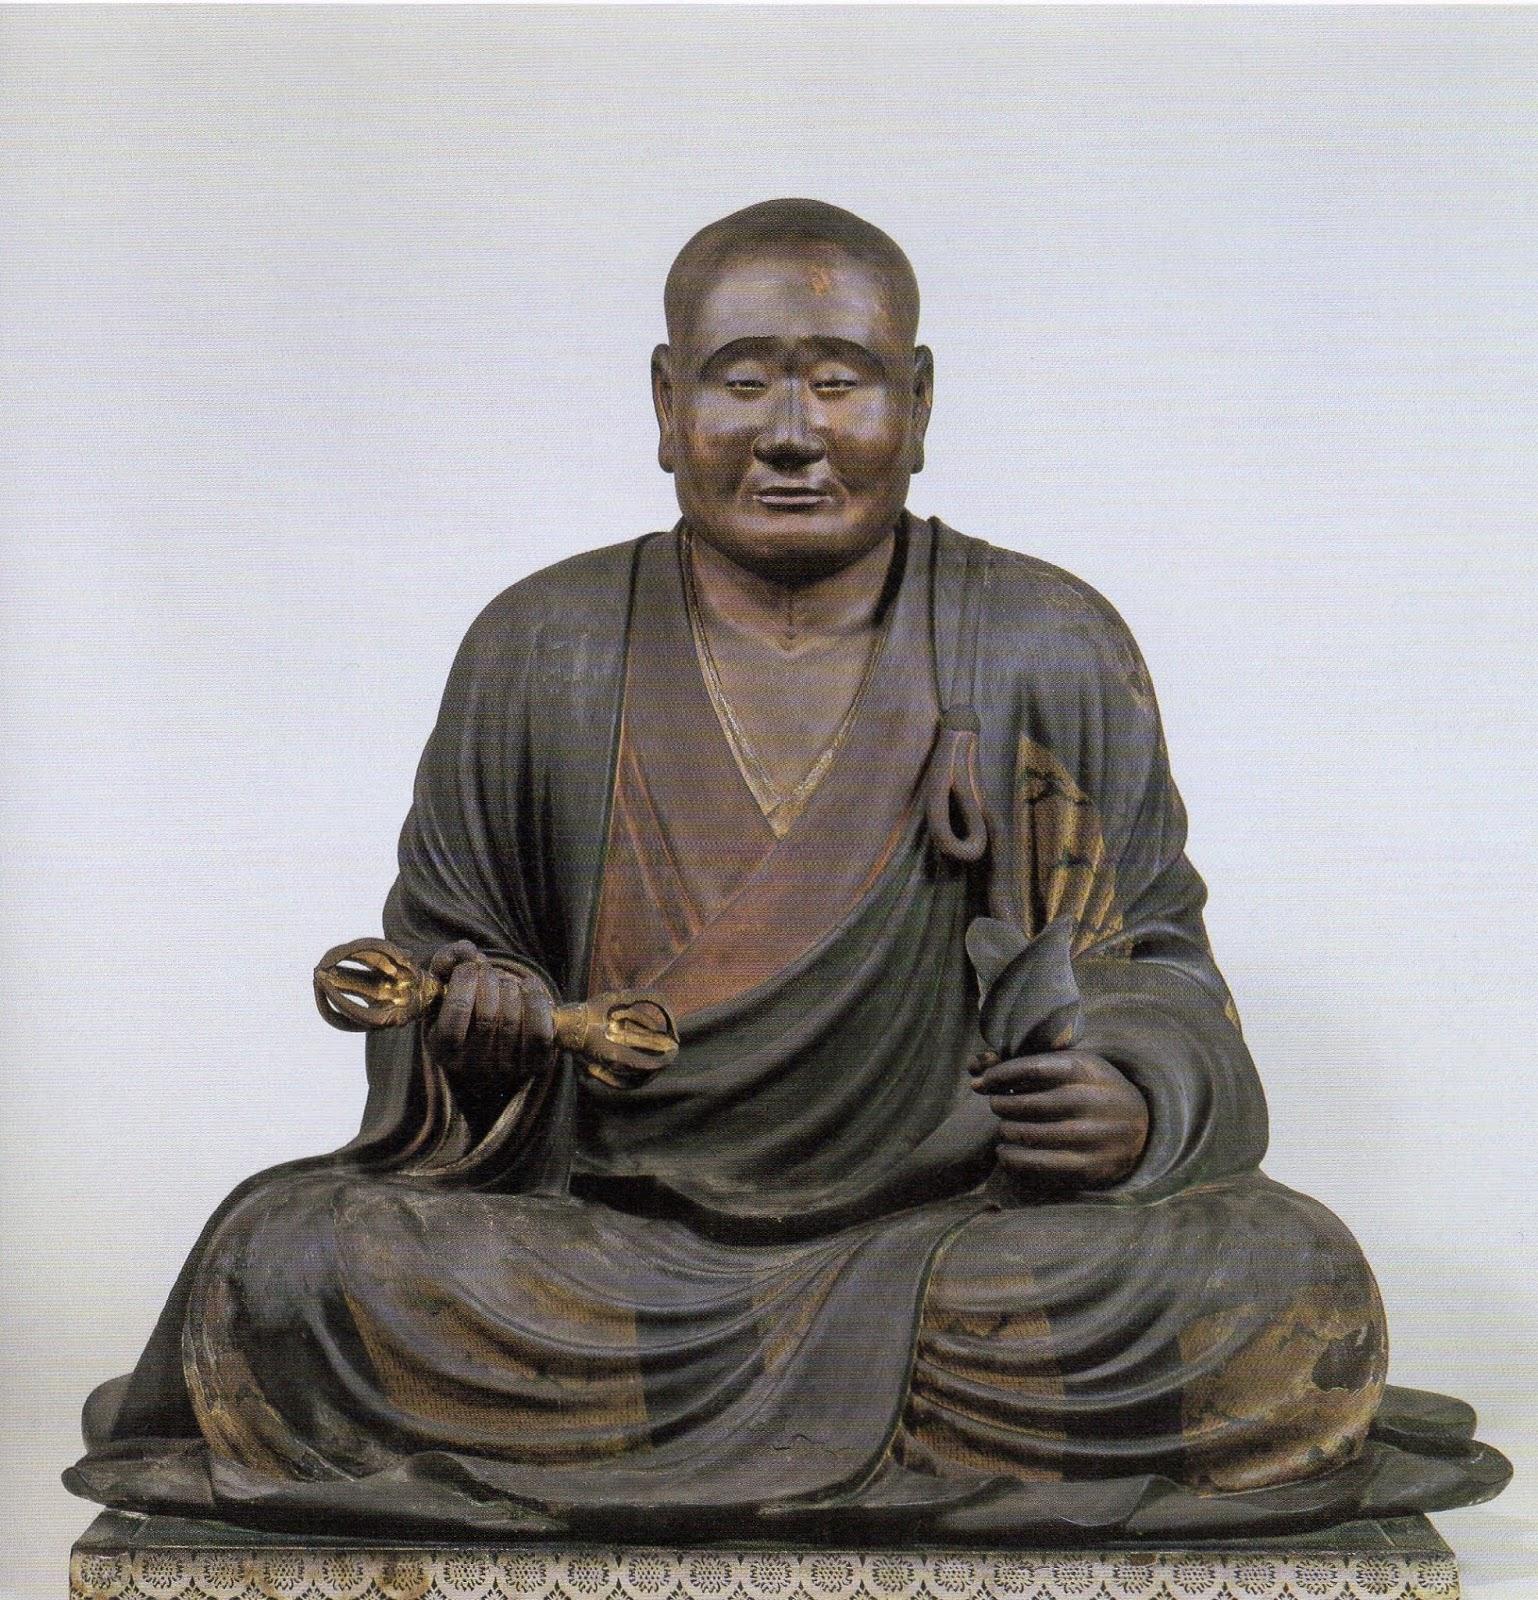 仏像愛好倶楽部(BAC)